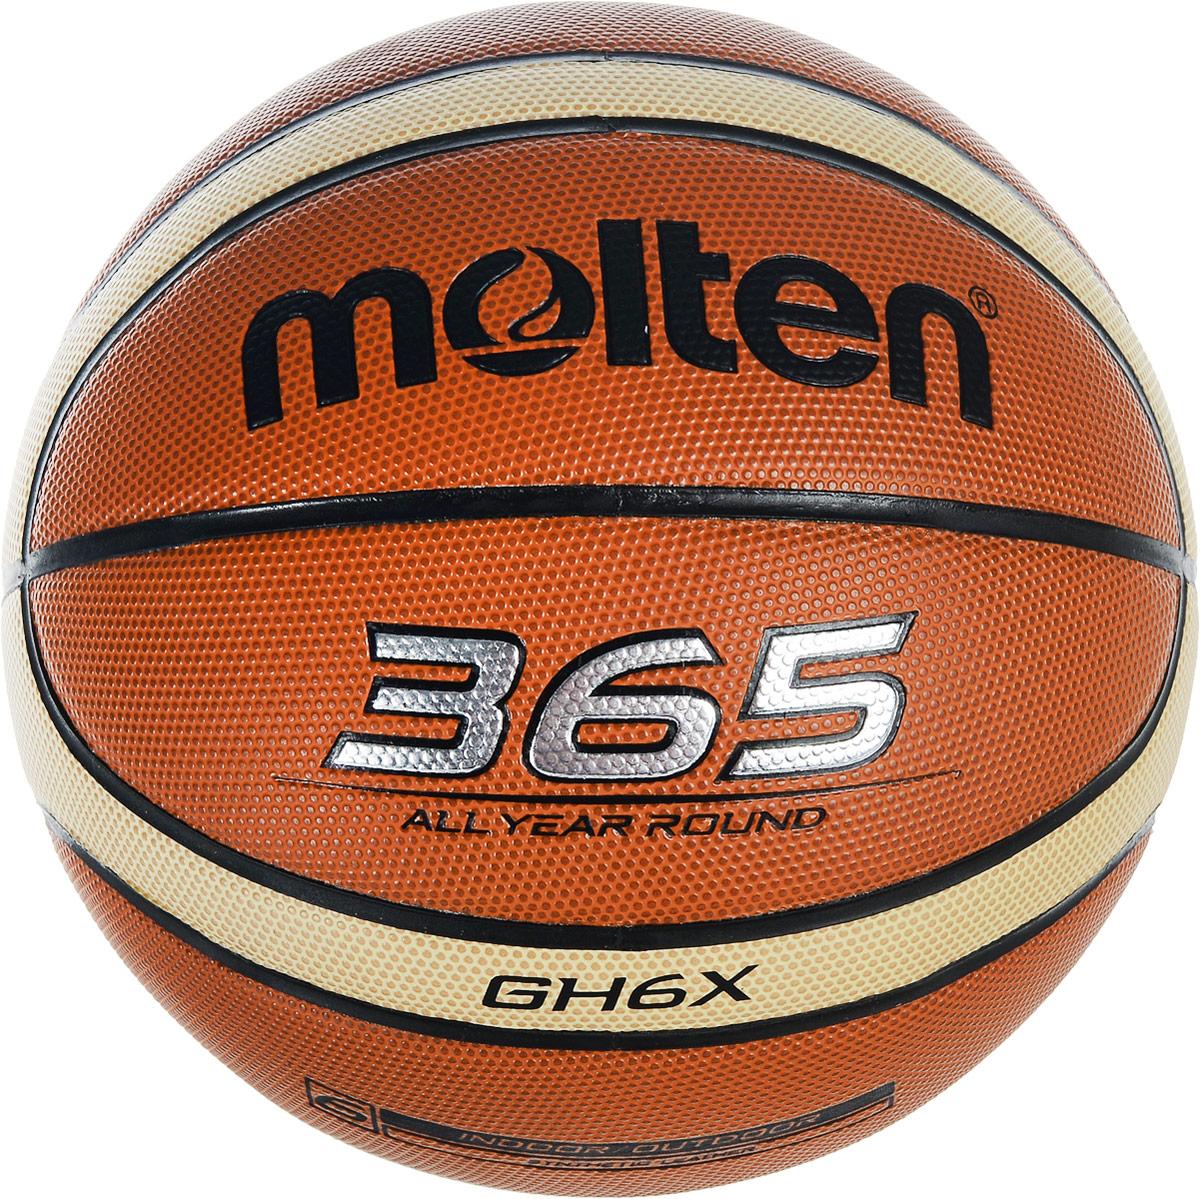 Мяч баскетбольный Molten, цвет: терракотовый, бежевый. Размер 6. BGH6XBGH6XБаскетбольный мяч Molten прекрасно подходит для игр или тренировок в зале и на улице. Покрышка из синтетической кожи (поливинилхлорид). Шероховатая поверхность служит для оптимального контроля мяча при его подборе и в других игровых ситуациях. Увеличенная износостойкость. 12- панельный дизайн.